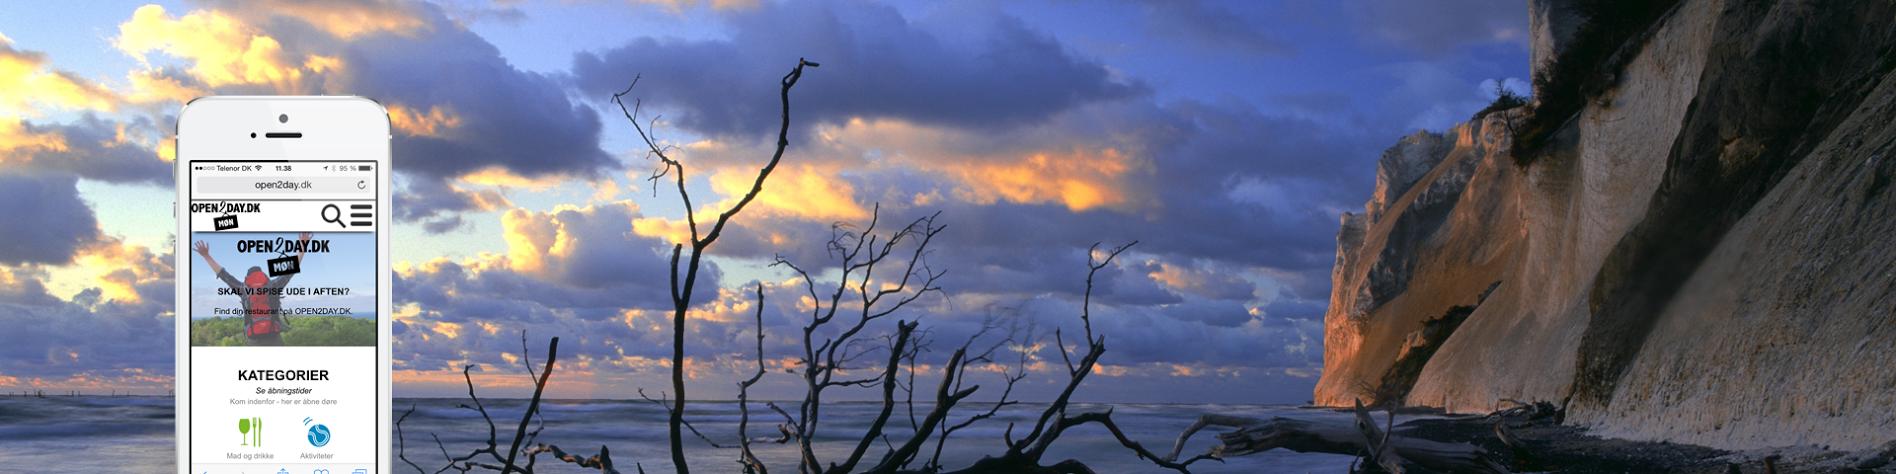 sliderbillede-solnedgang